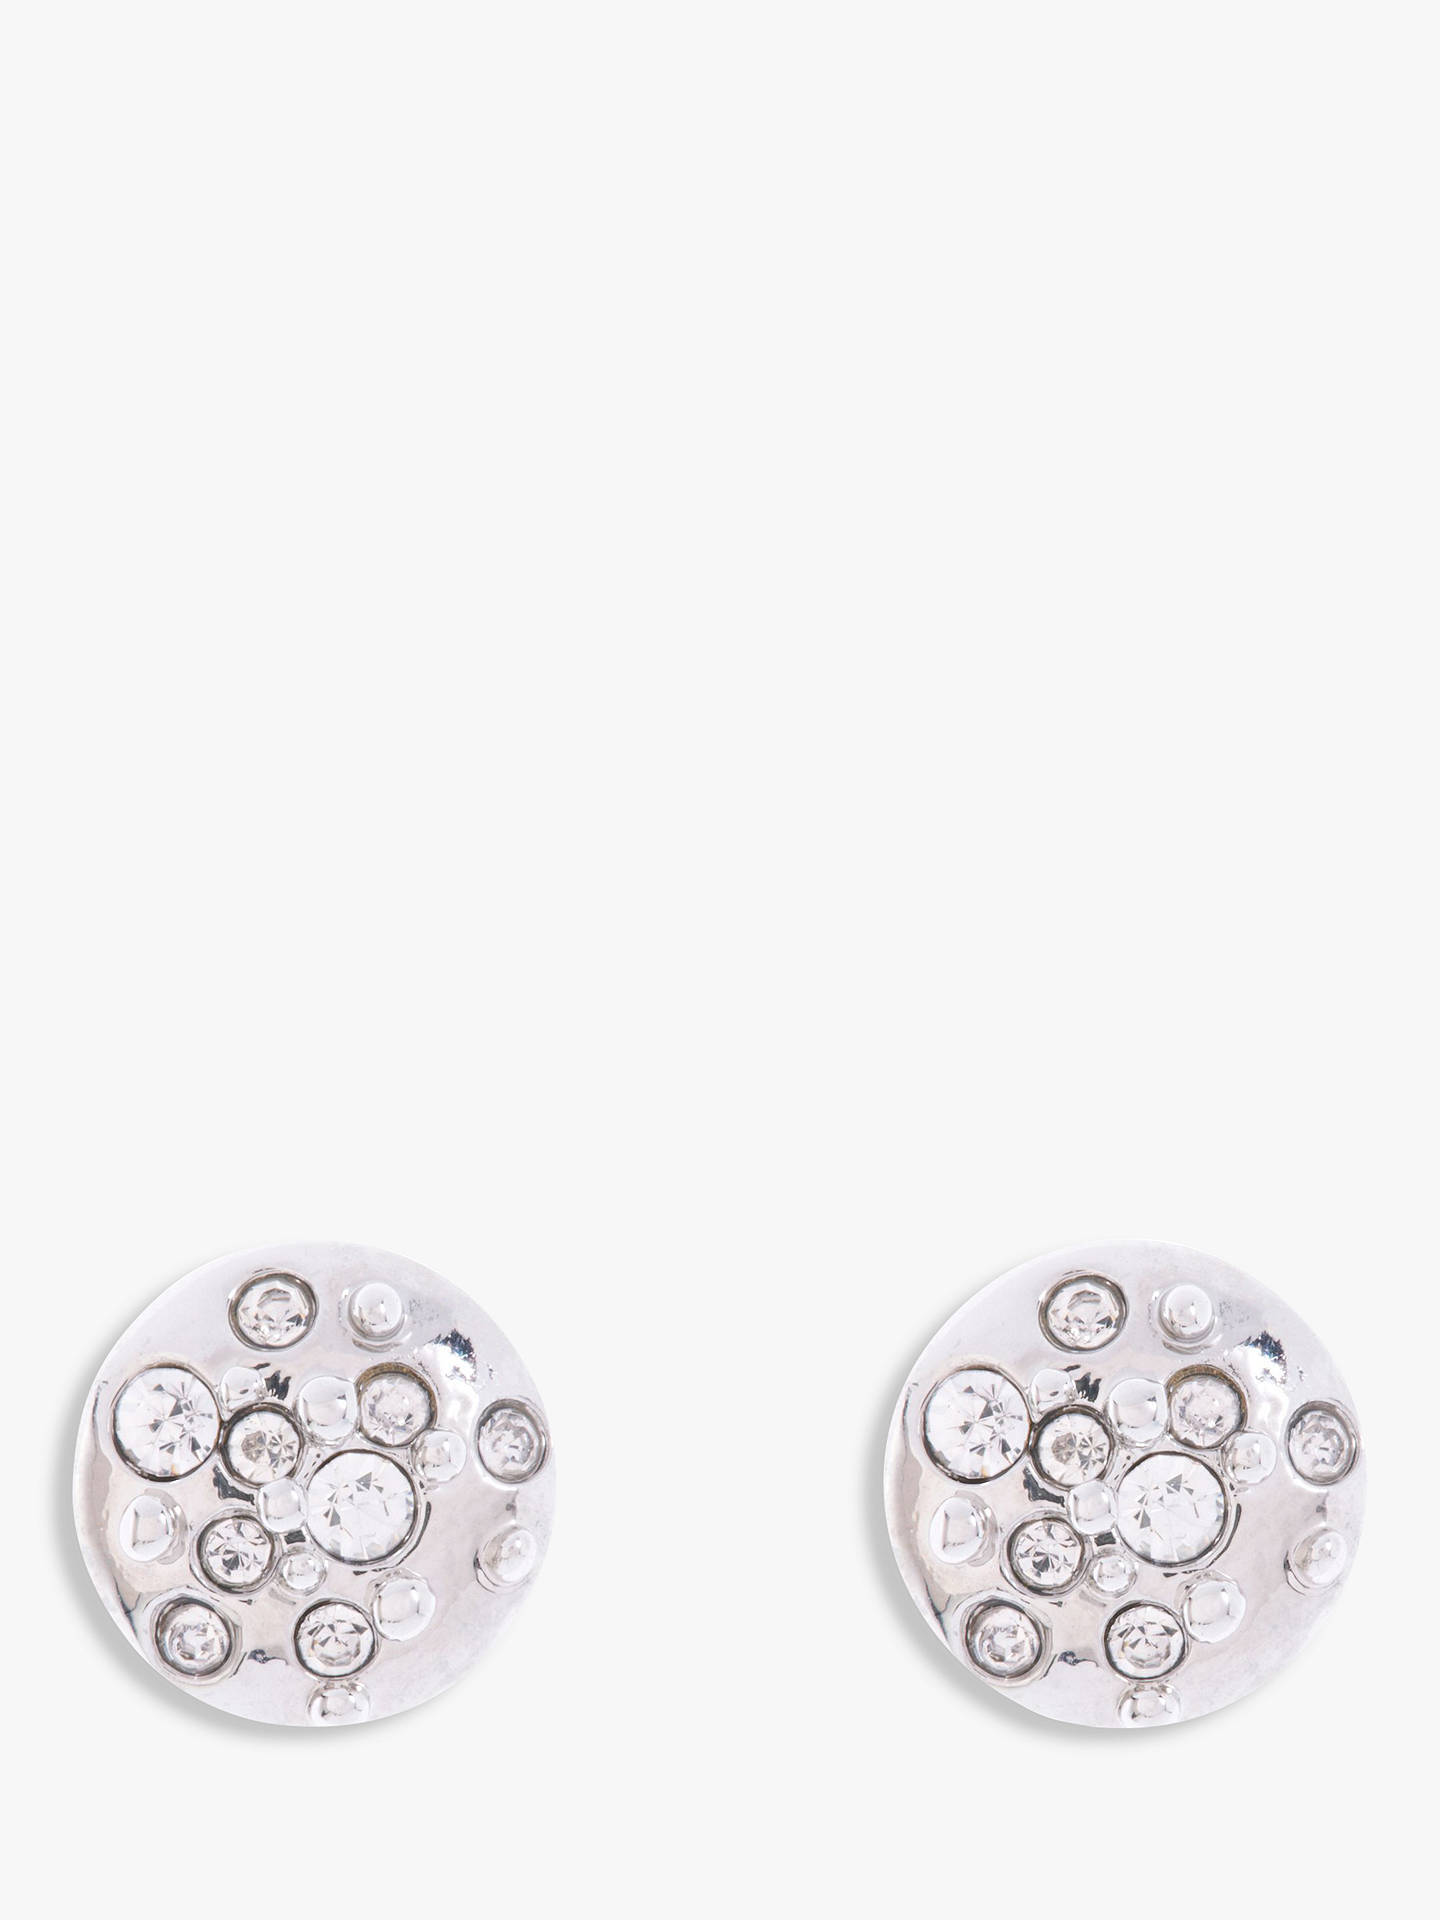 62a99cff1 Buy Karen Millen Sprinkle Crystal Stud Earrings, Silver Online at  johnlewis.com ...